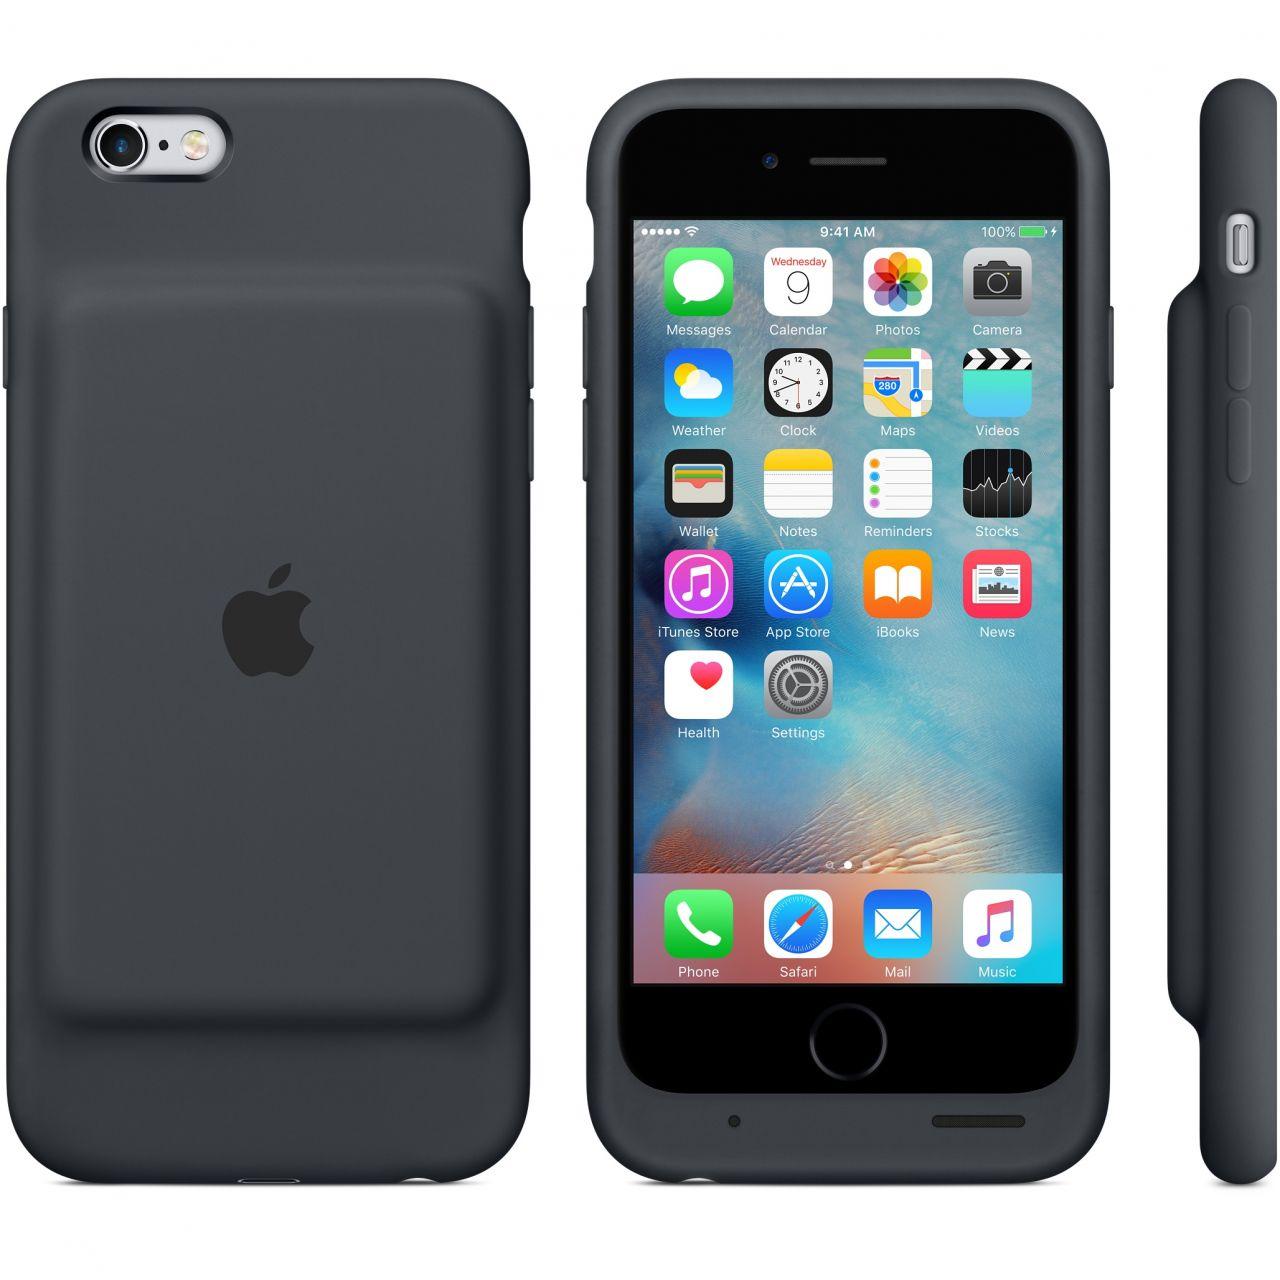 Kampfansage an Case-Hersteller: Apple kann auch hässlich!